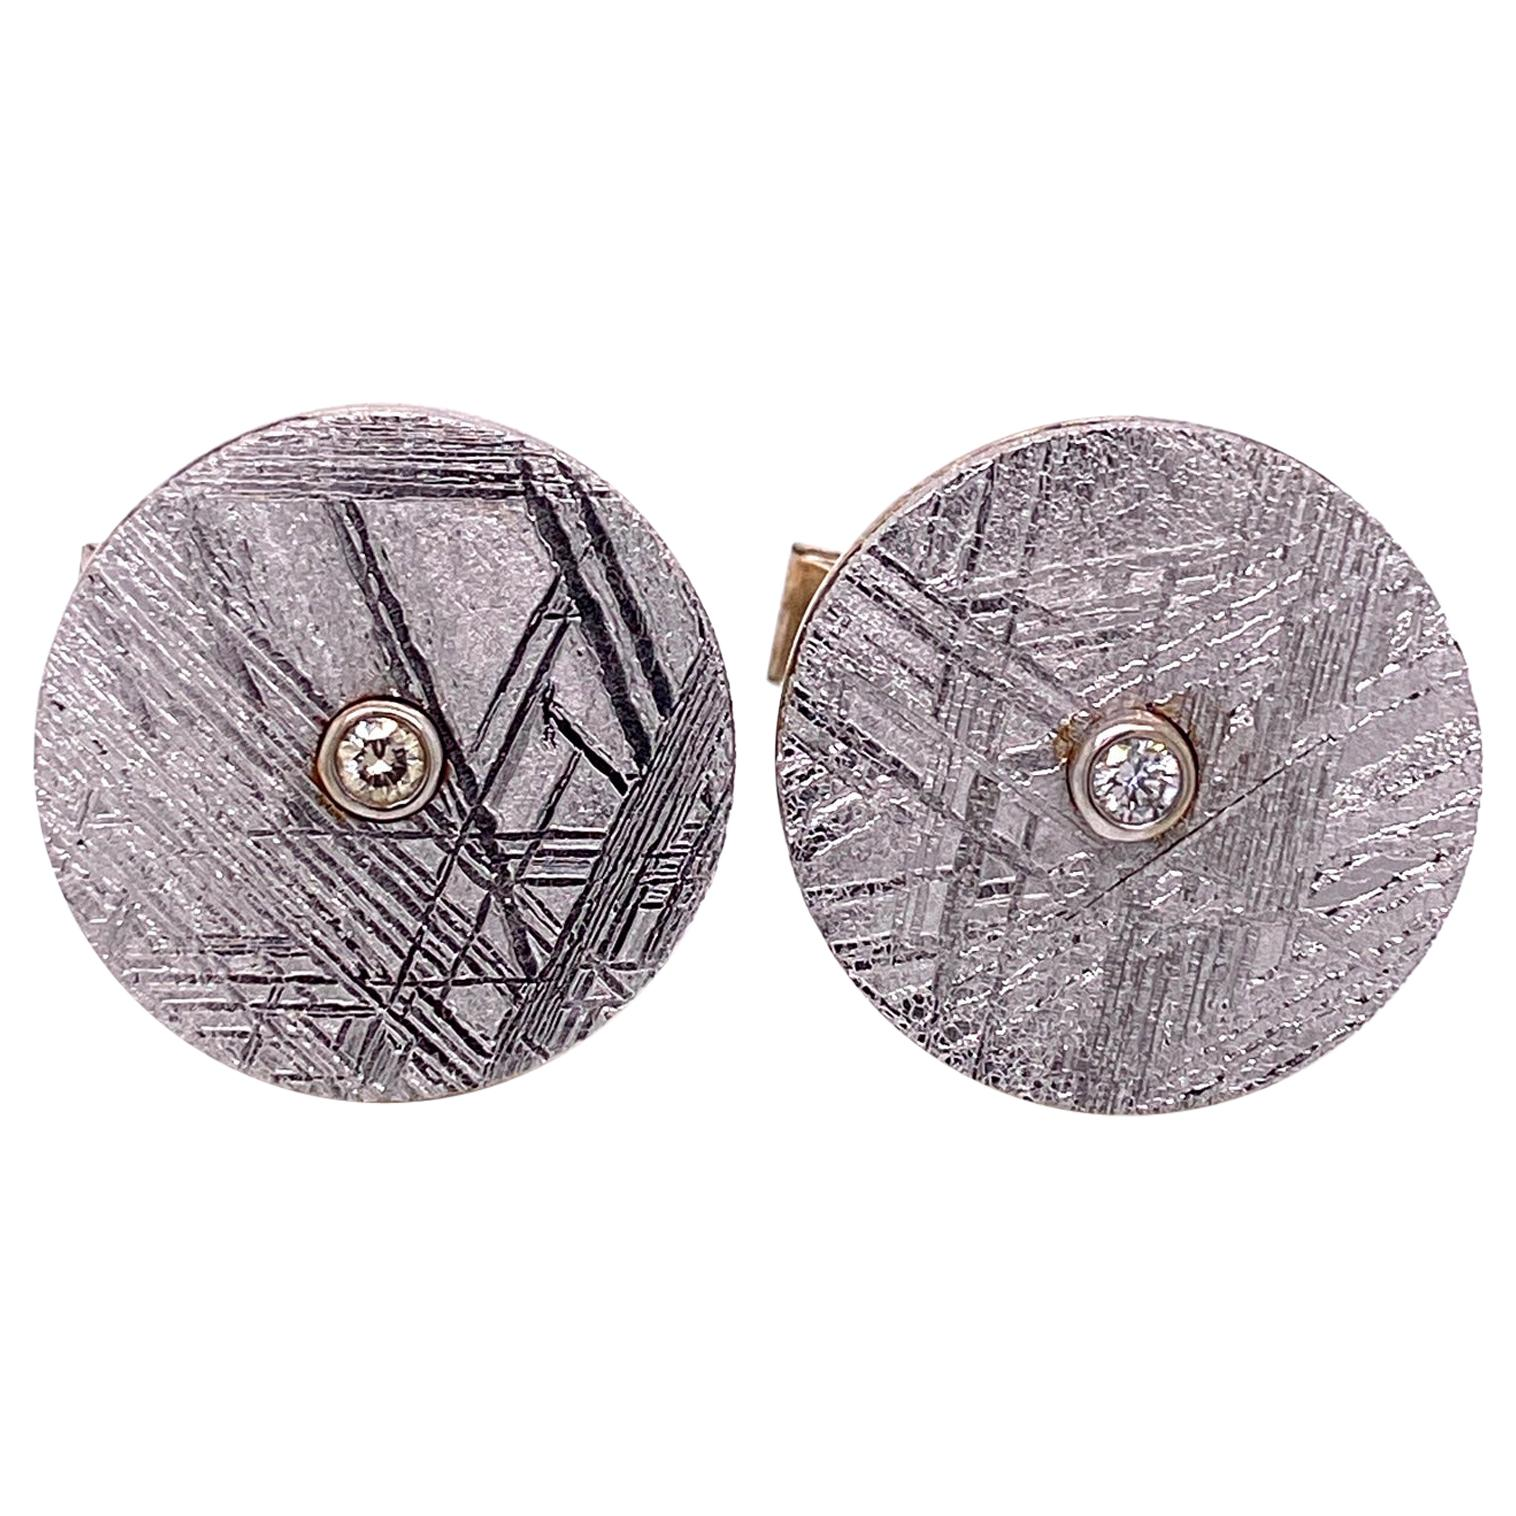 Meteorite Circle Cufflinks with White Diamonds